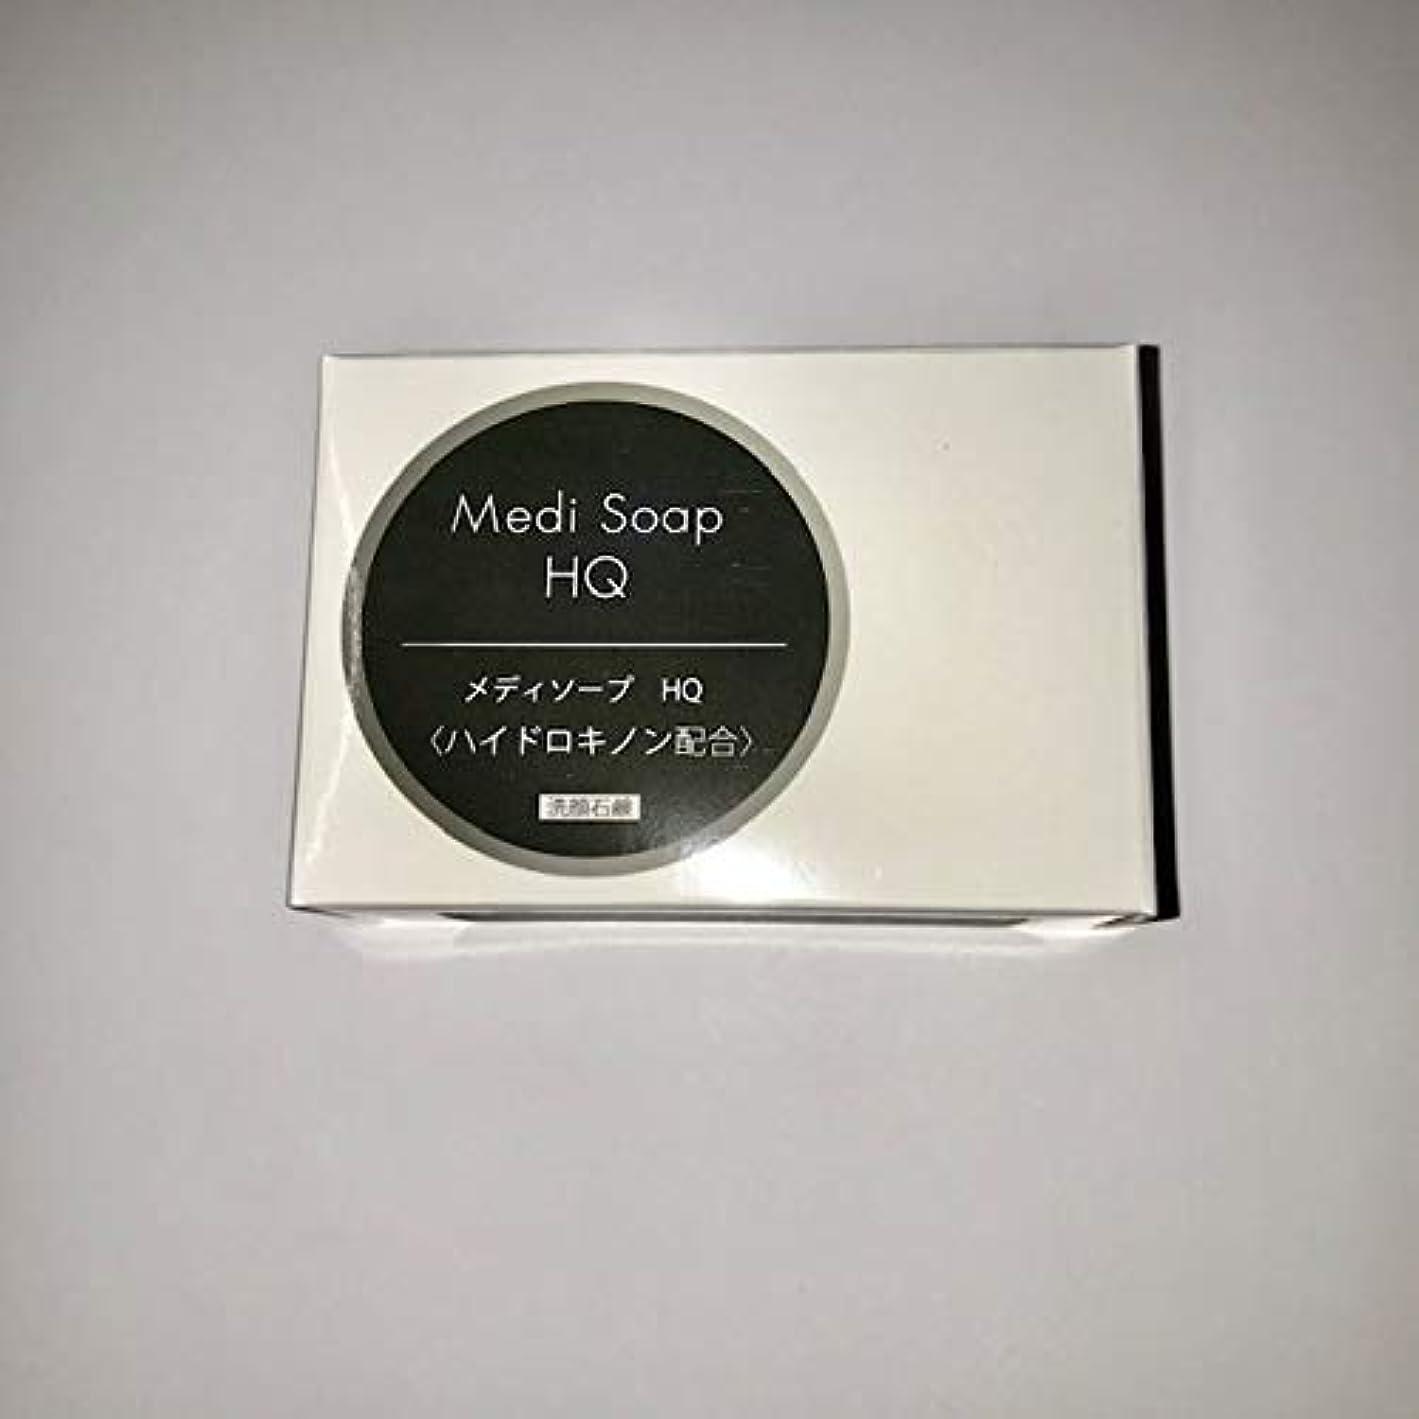 展開する施設ハウジングメディソープHQ 100g ハイドロキノン2%配合 洗顔石鹸 ジェイ?ヒューイット製